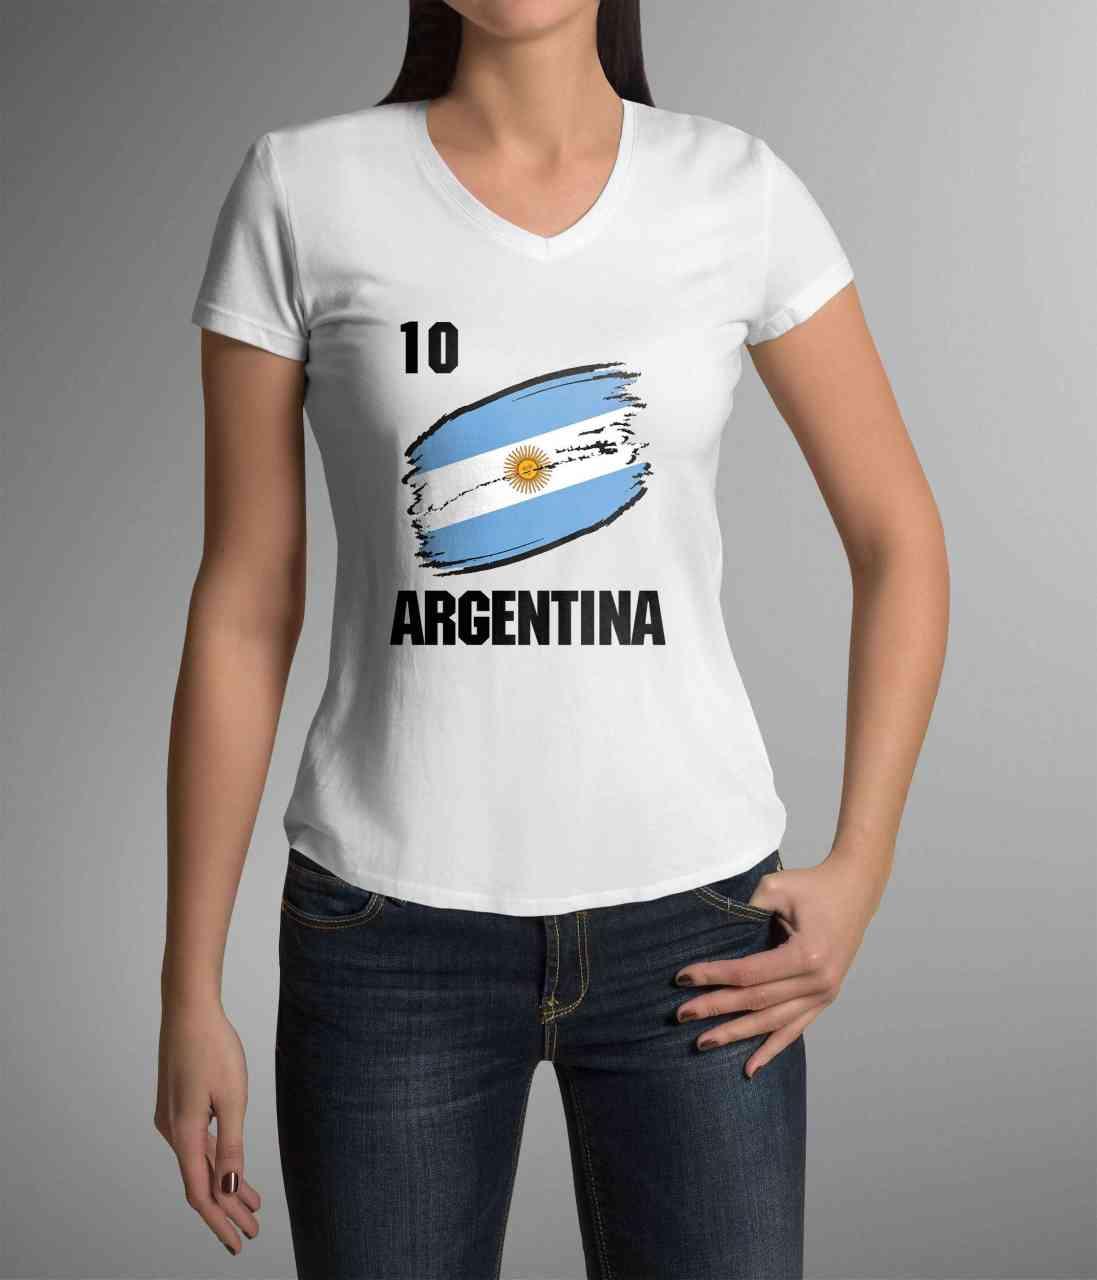 Argentina | Argentinien | Männer oder Frauen Trikot T - Shirt mit Wunsch Nummer + Name | WM 2018